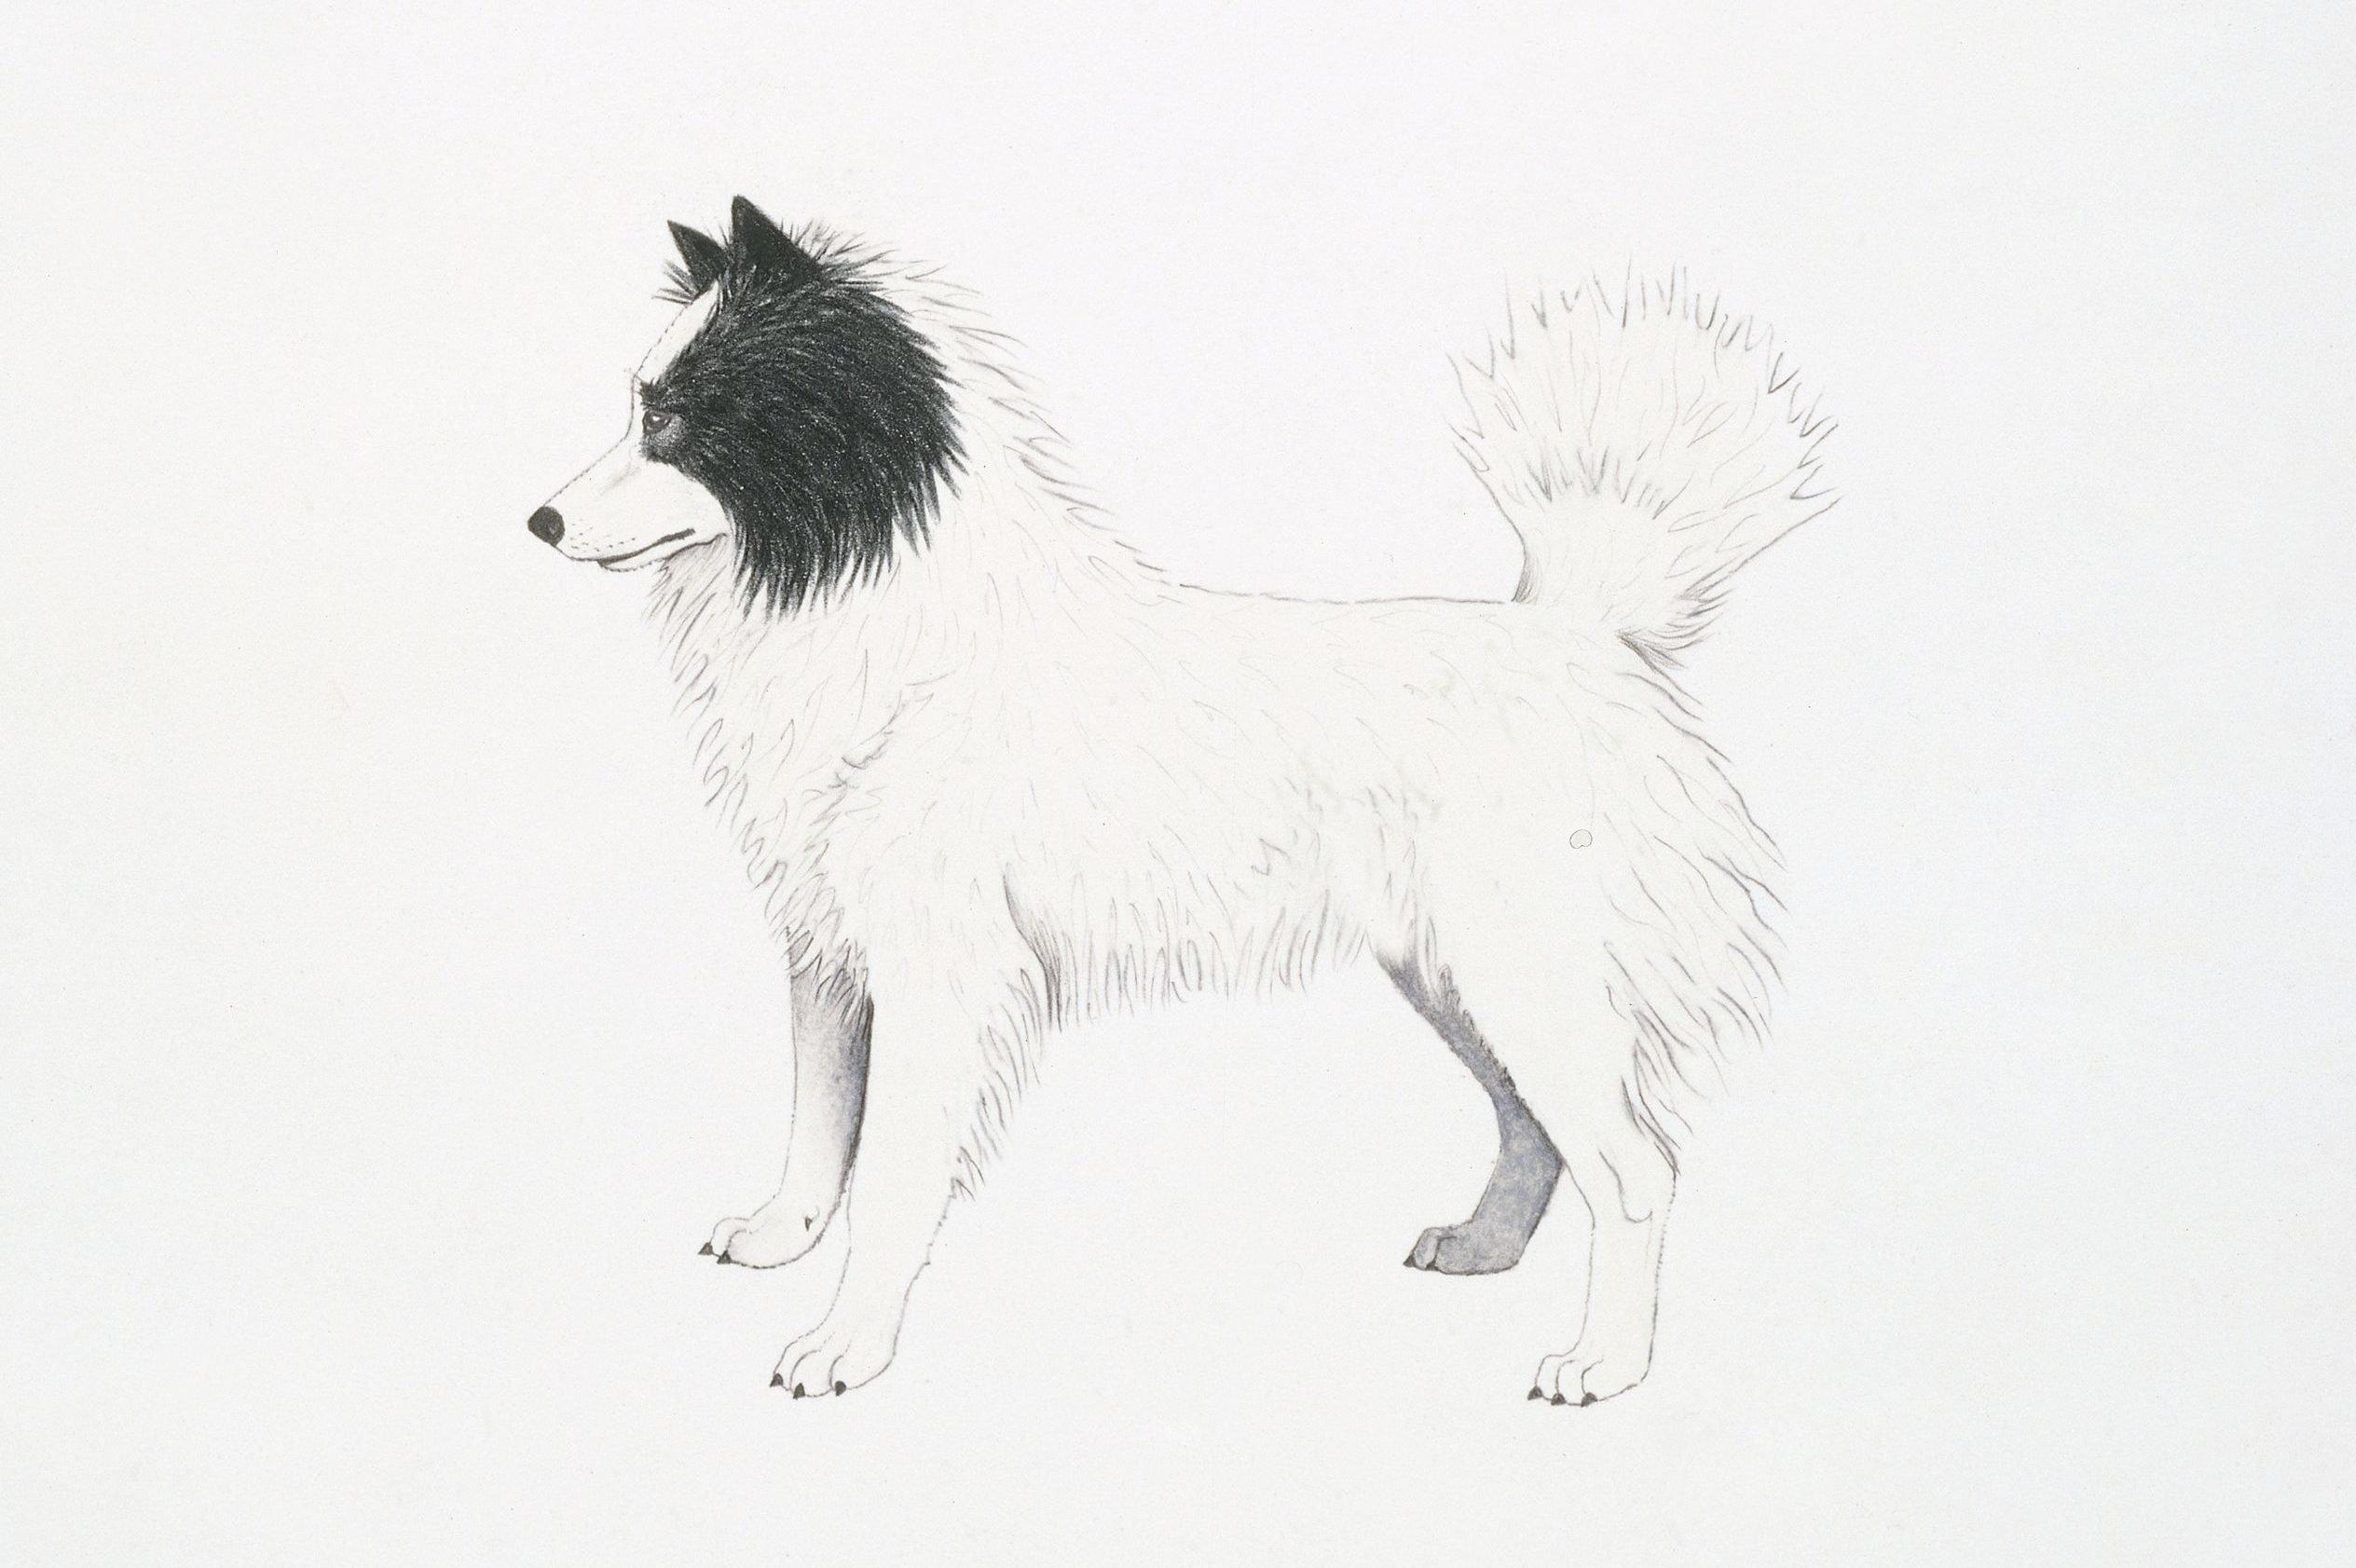 Tahltan Bear Dog, illustration